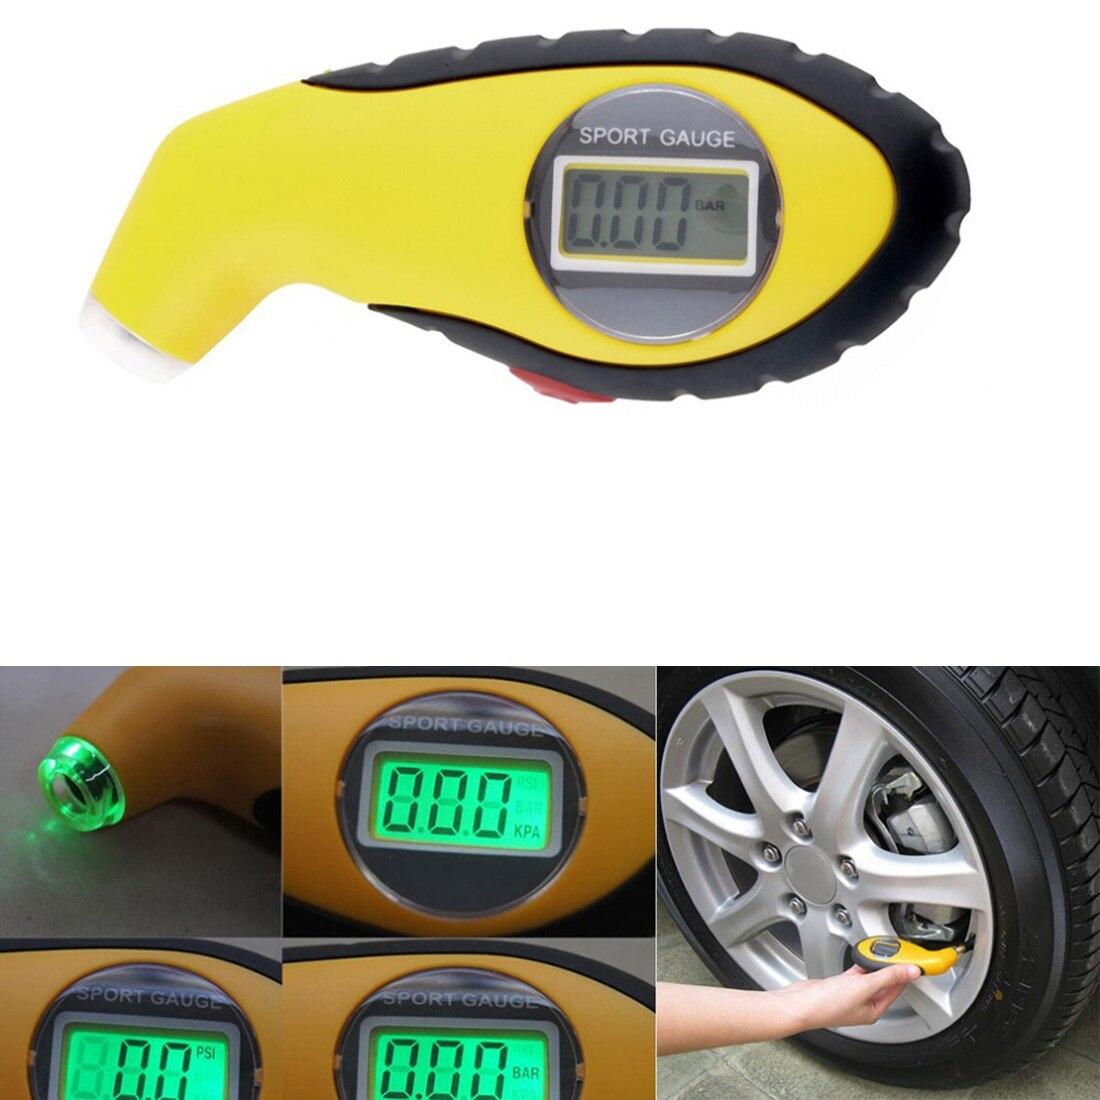 Цифровой датчик давления в шинах с ЖК-подсветкой, Автомобильный датчик давления в шинах для мотоциклов, датчик давления в шинах, монитор, ба...